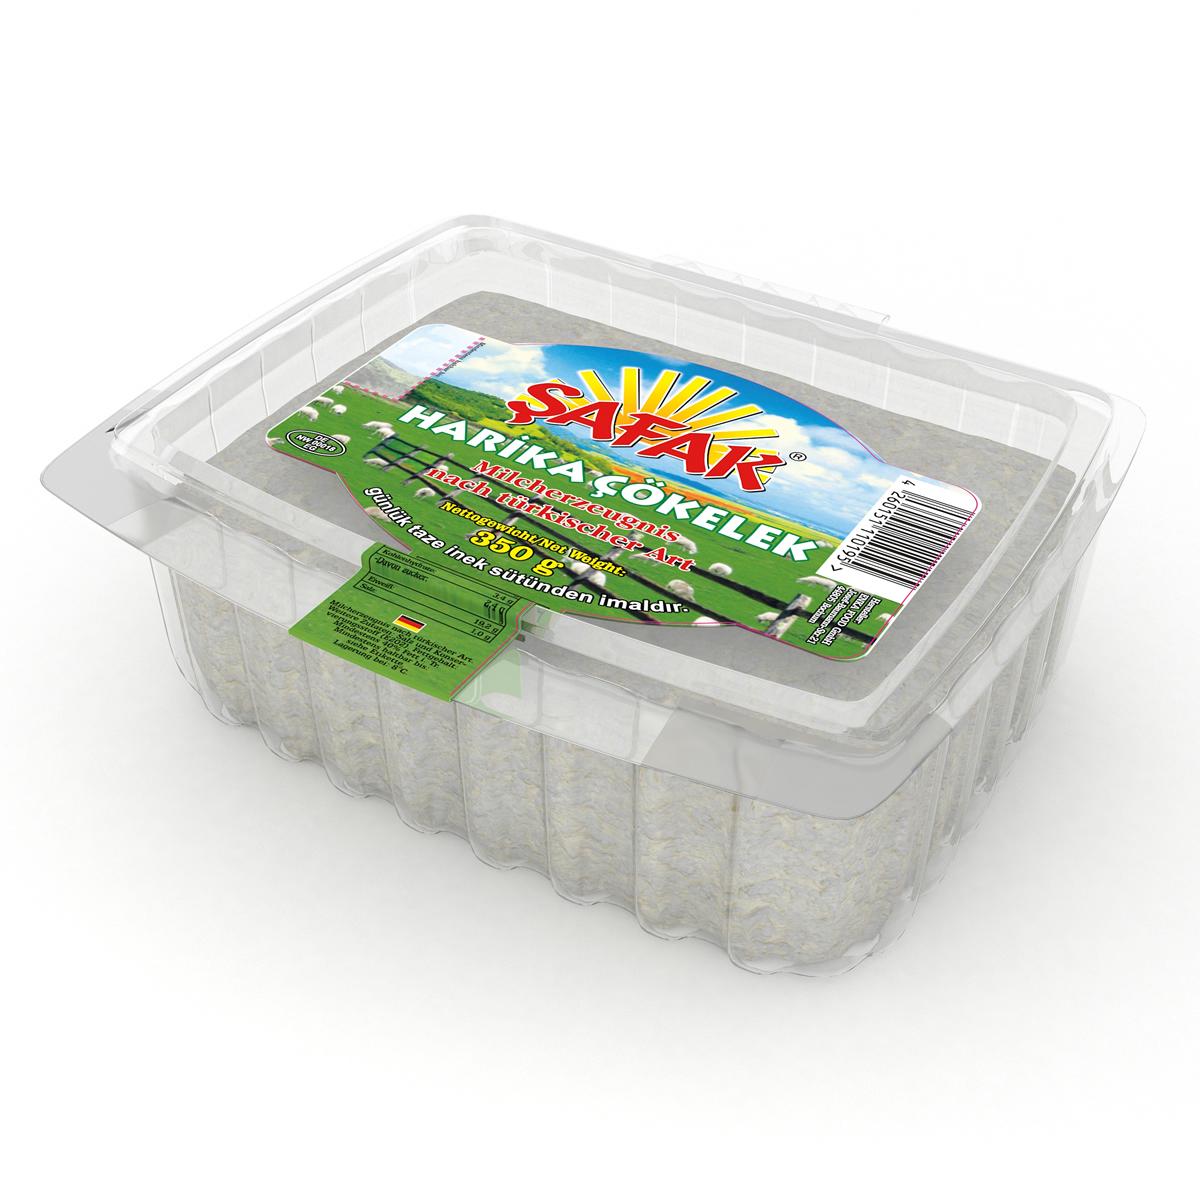 enka food Ürünleri 3d modellendi! - safak harika cokelek - Enka Food Ürünleri 3D Modellendi!